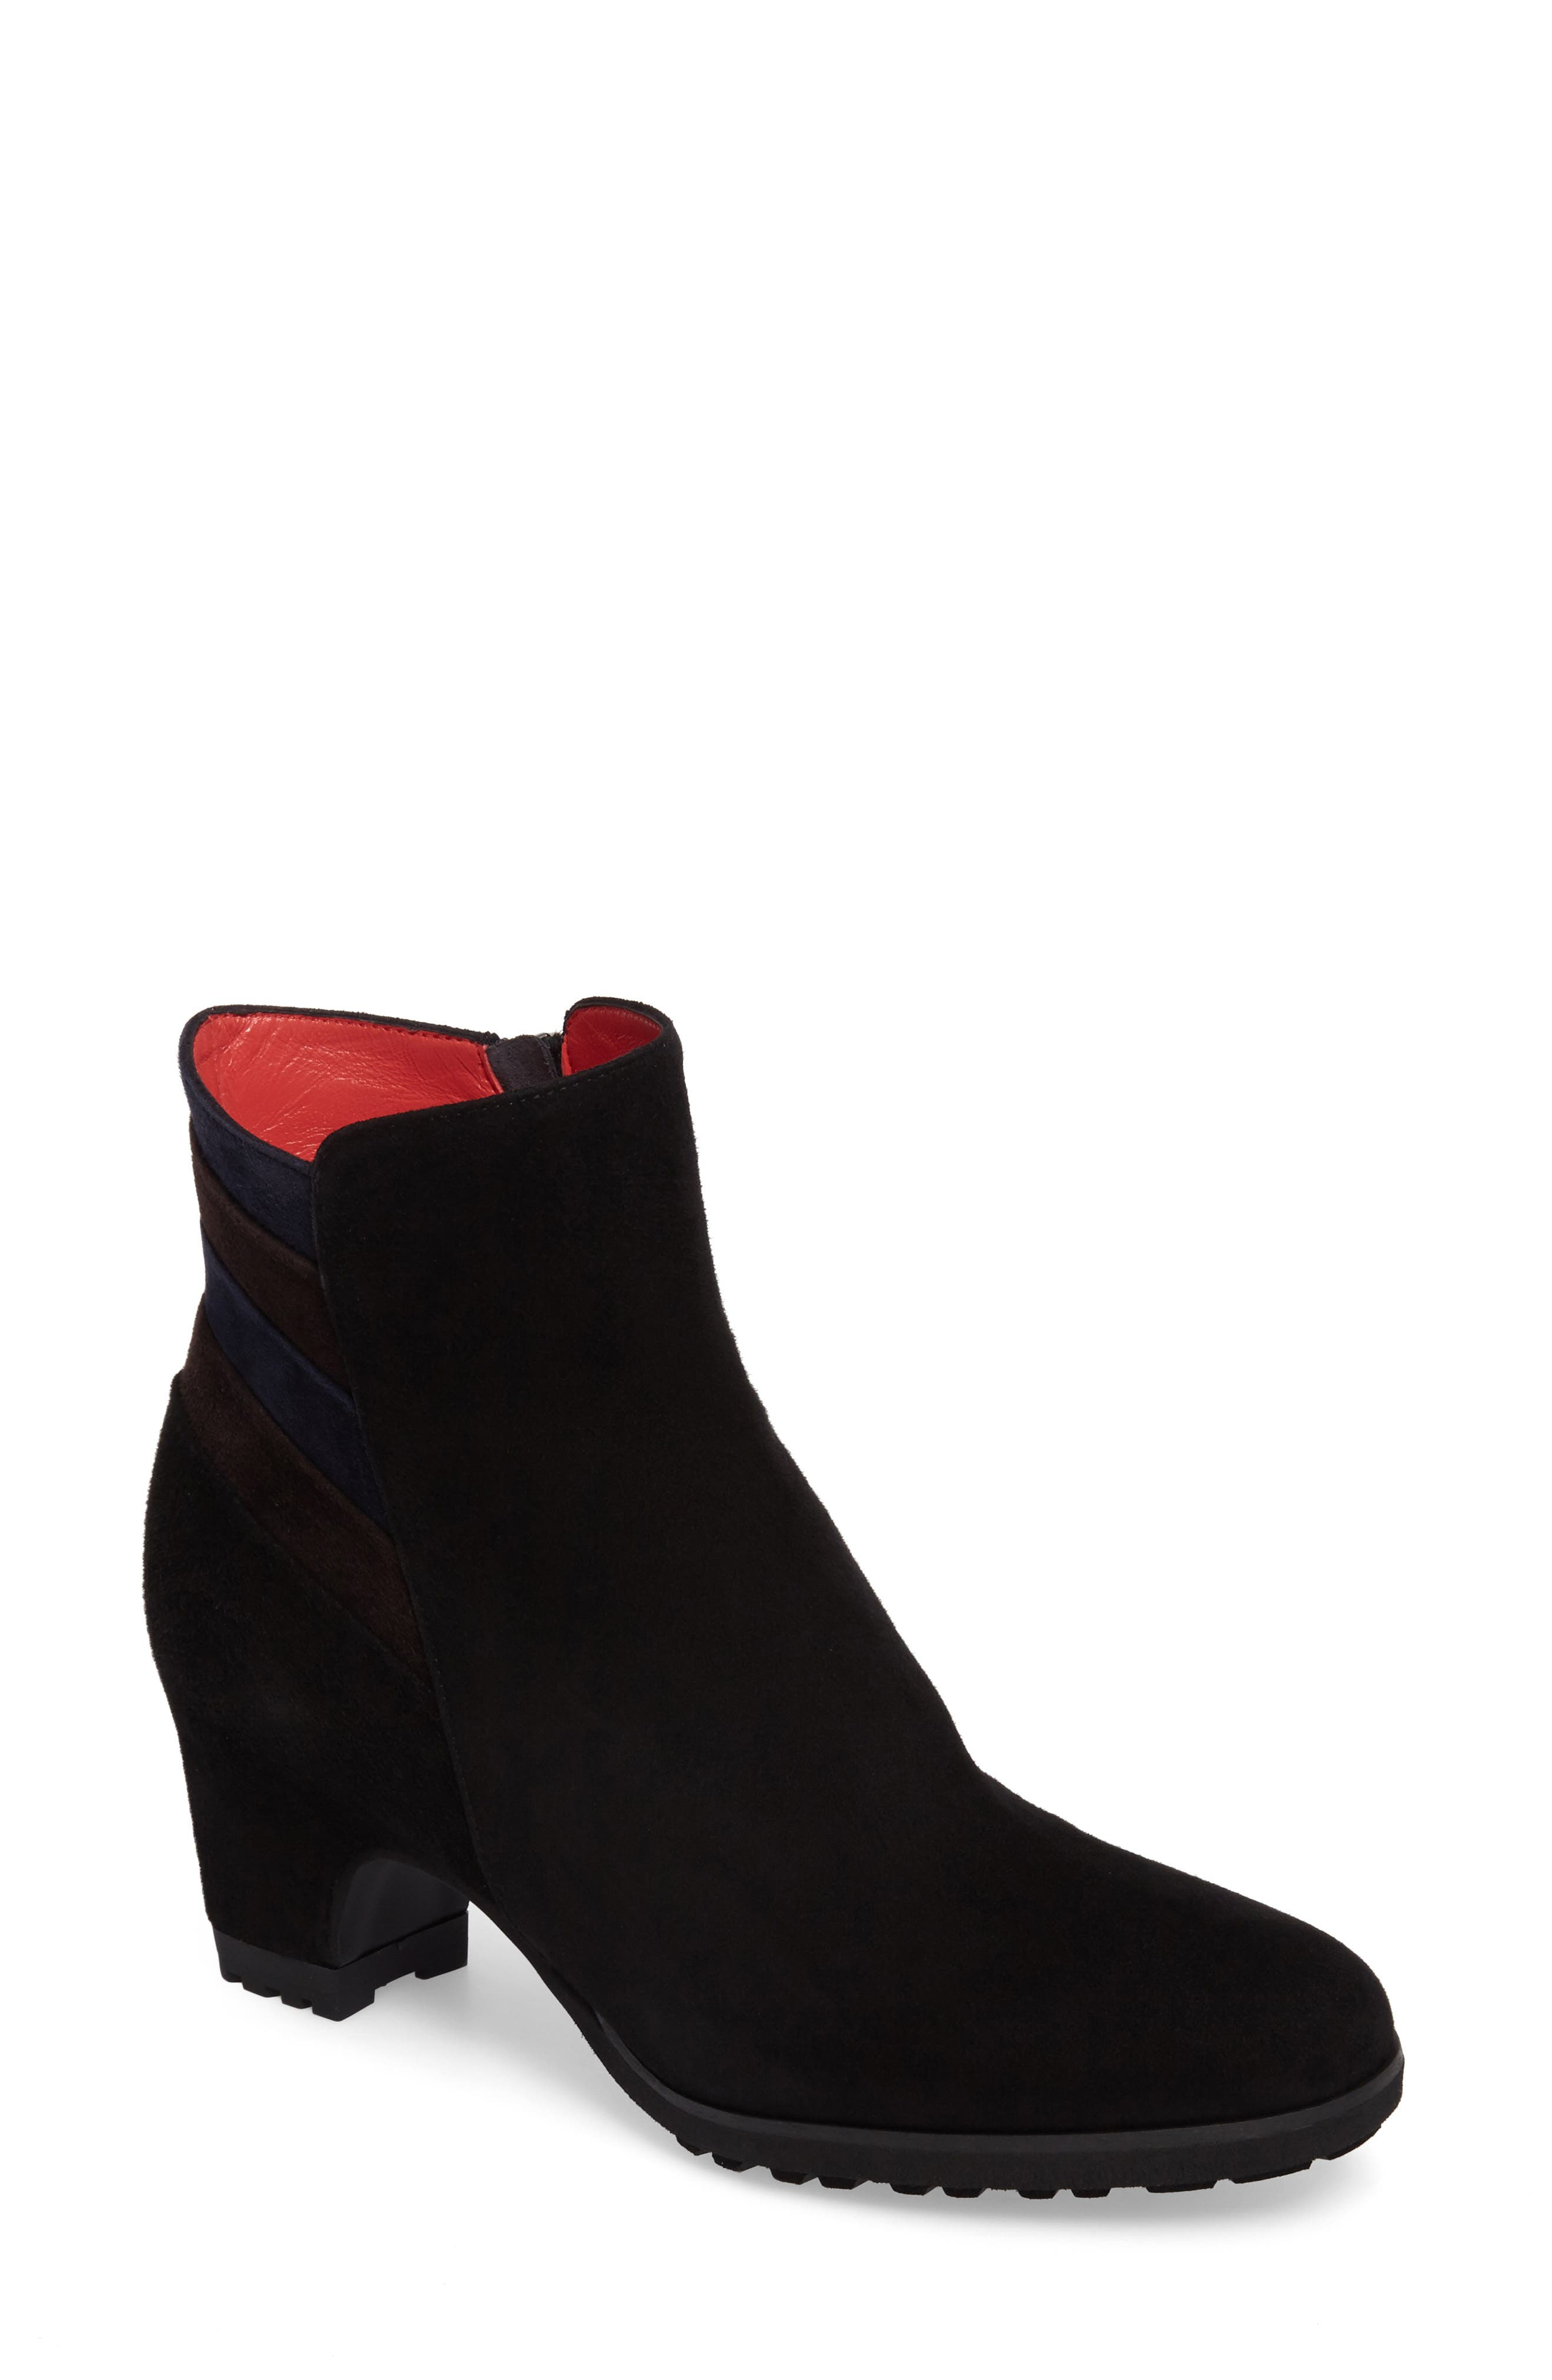 Main Image - Pas de Rouge Block Heel Bootie (Women)